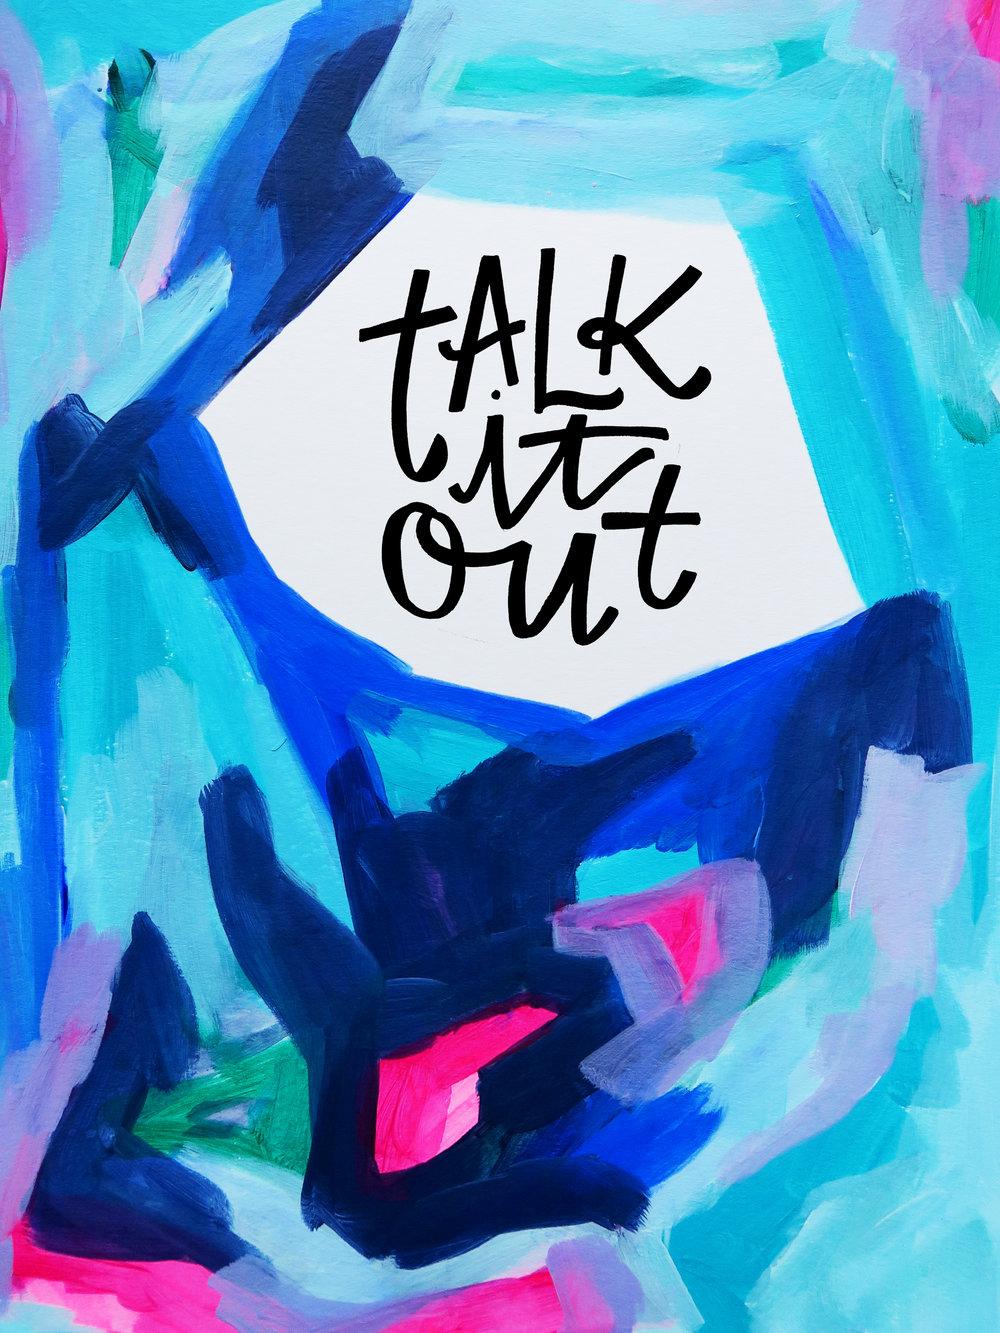 6/13/16: Talk